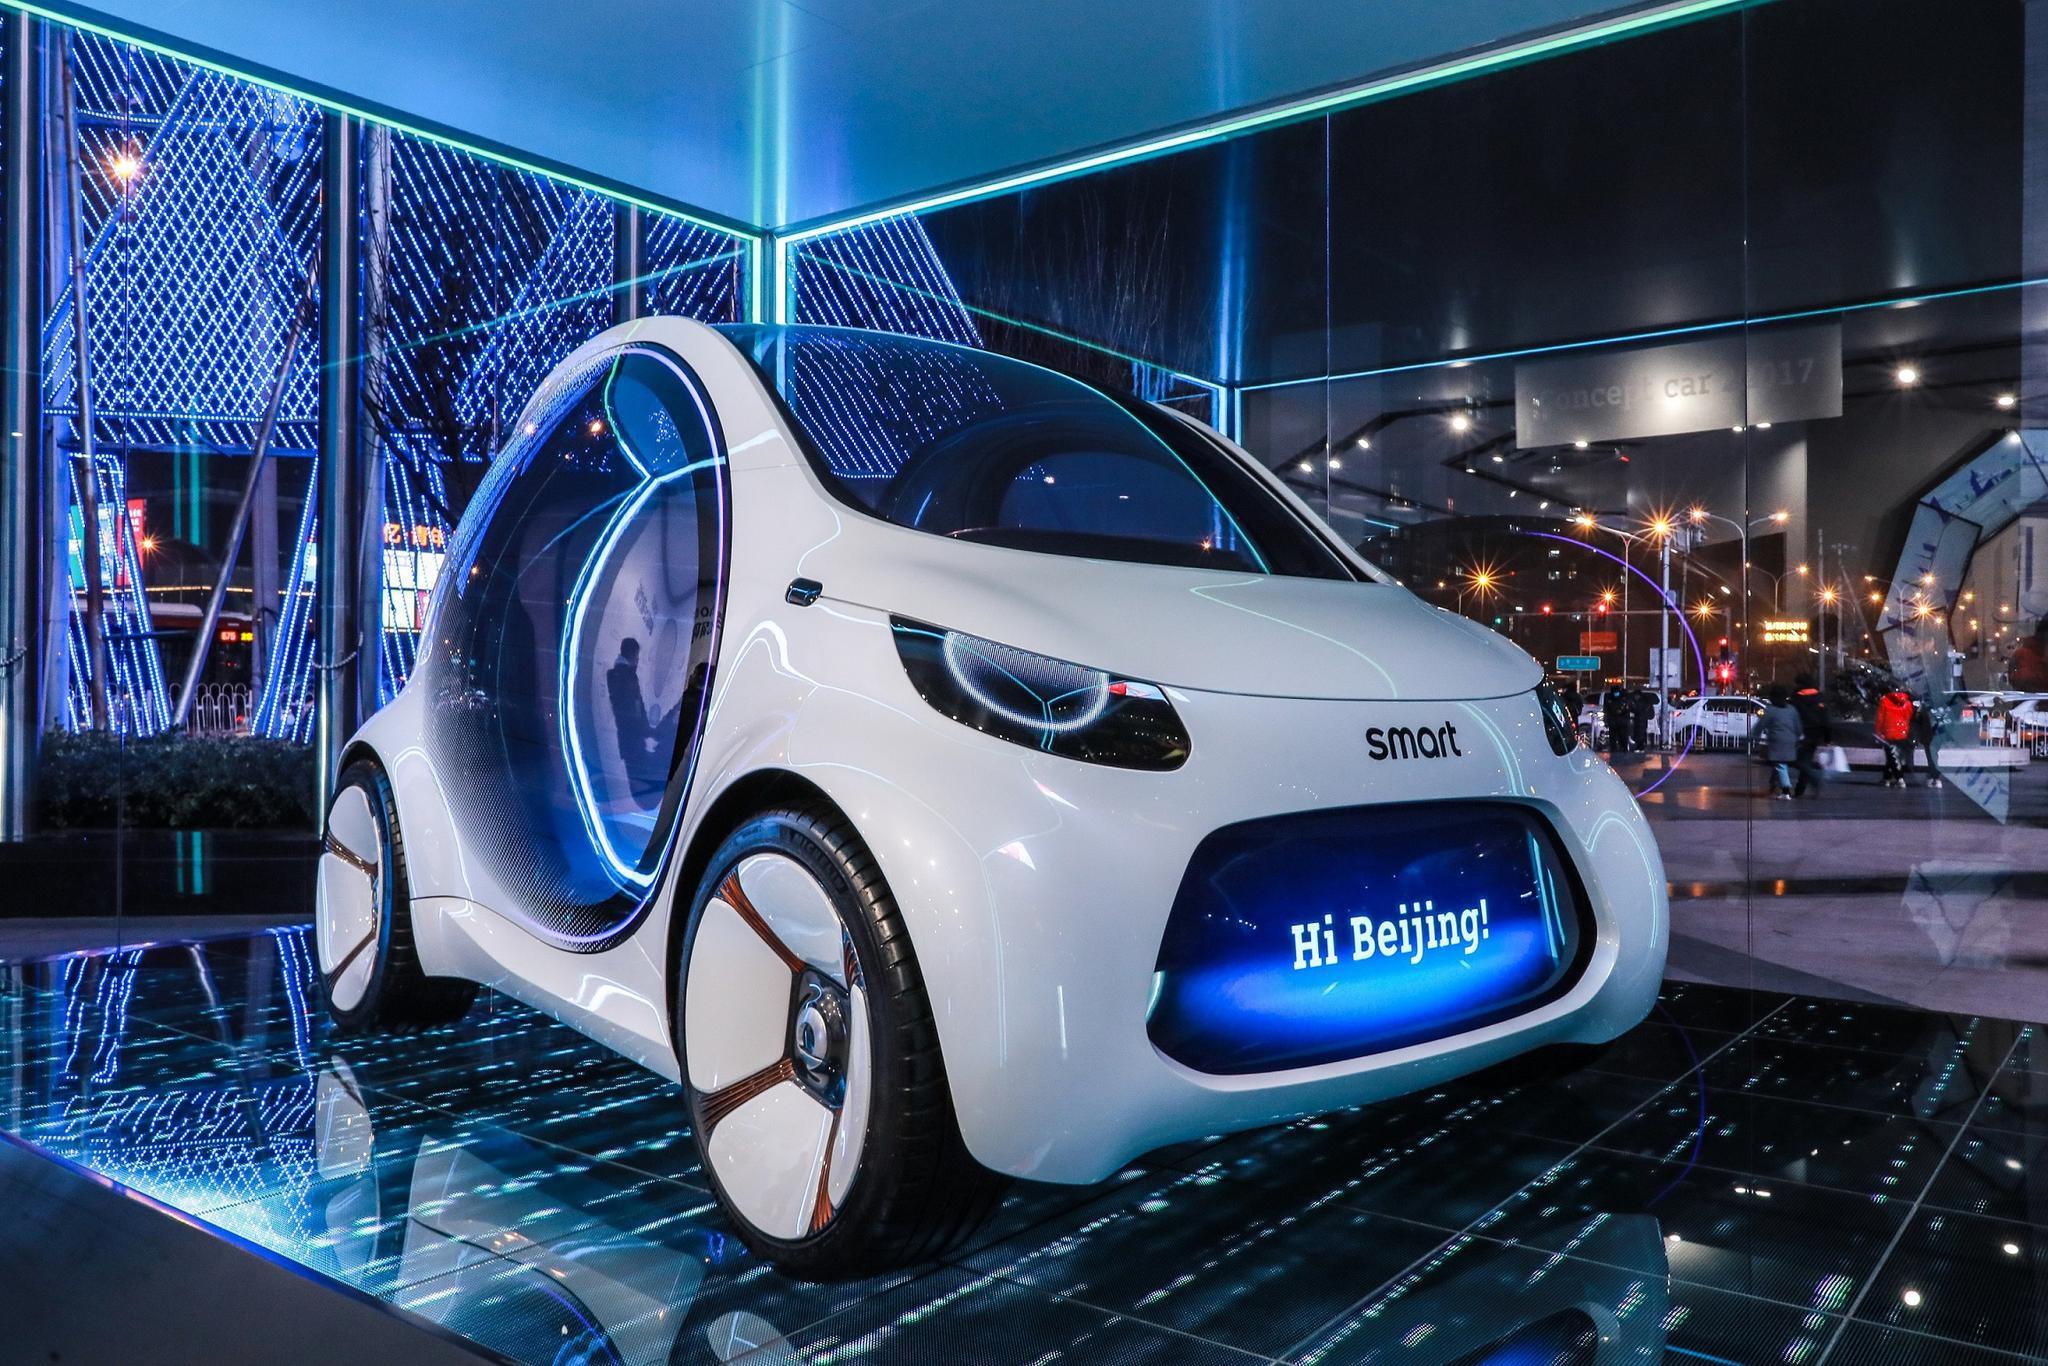 smart Concept Car 2017具备L5级别的自动驾驶